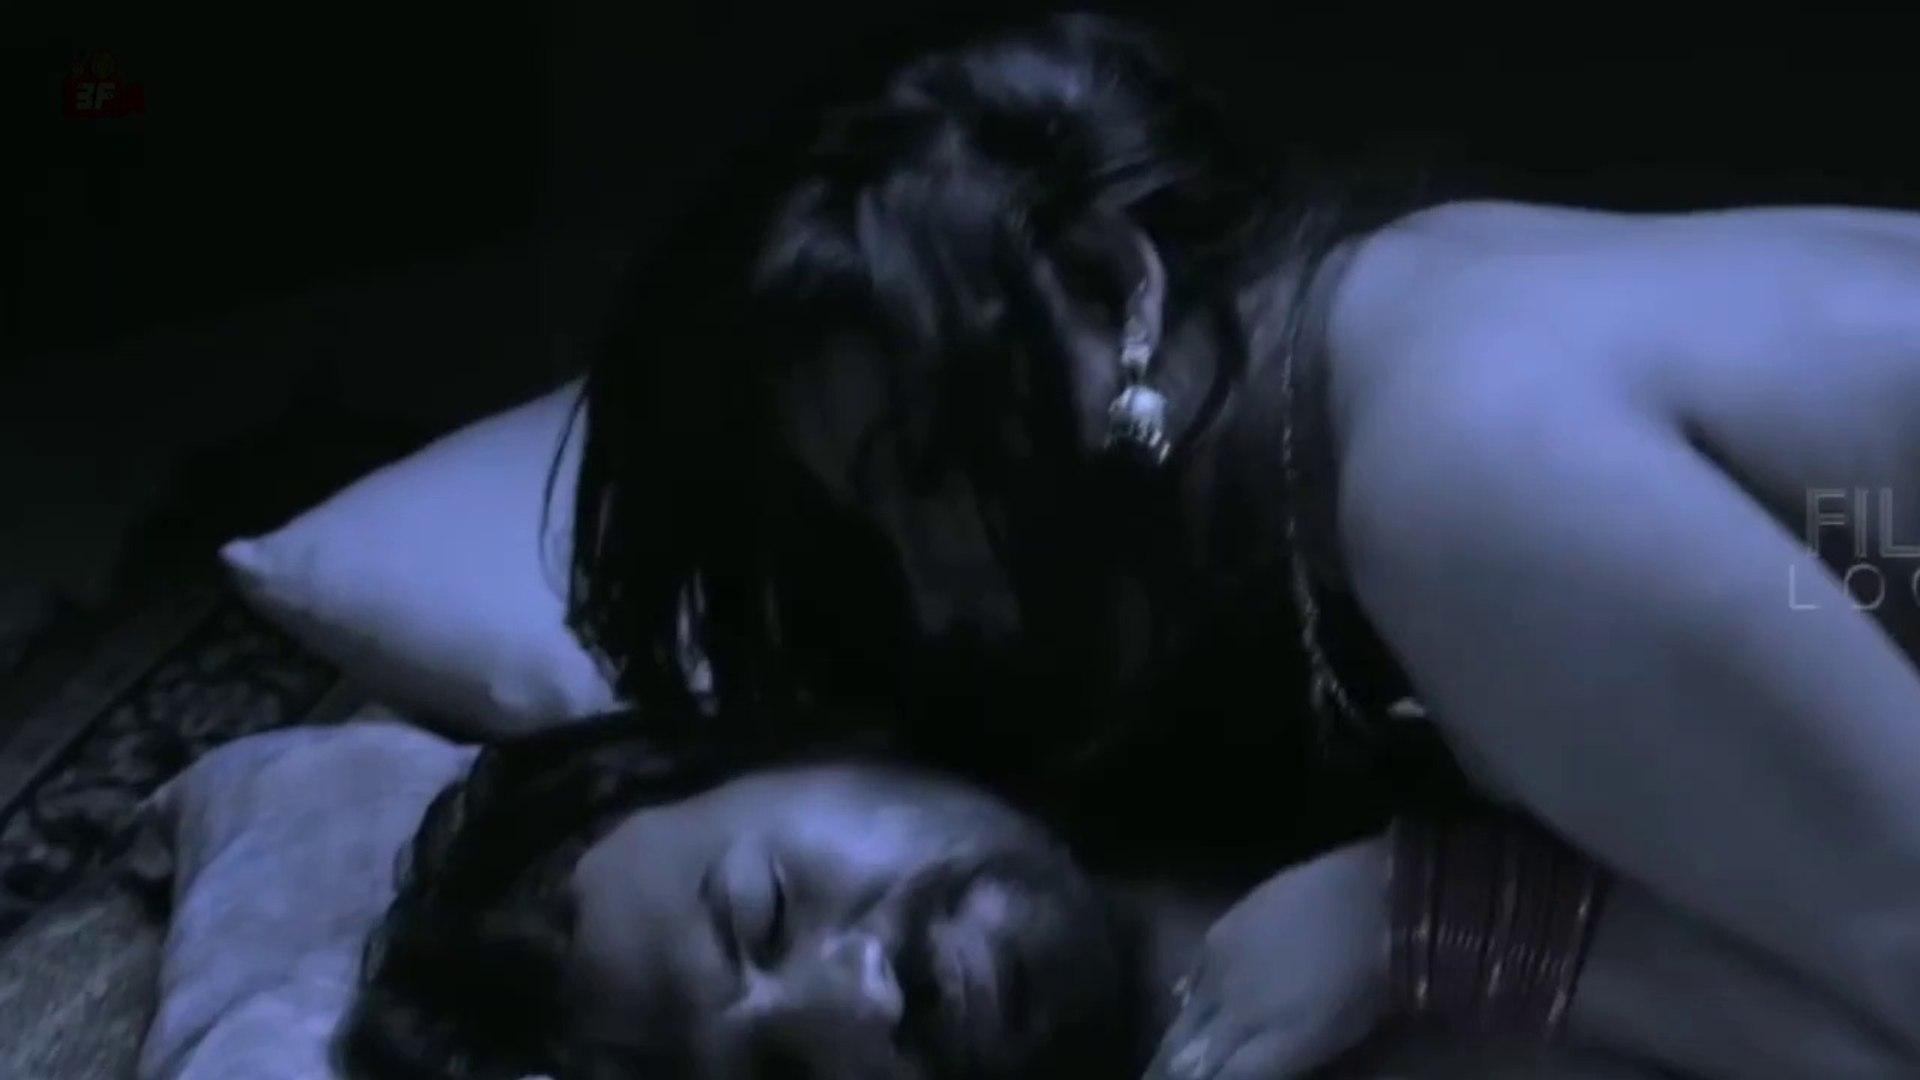 Yedu Chepala Katha Latest Trailer 2 Trailer2 Bhanusri Sam J Chaitanya Nse 3 Framez